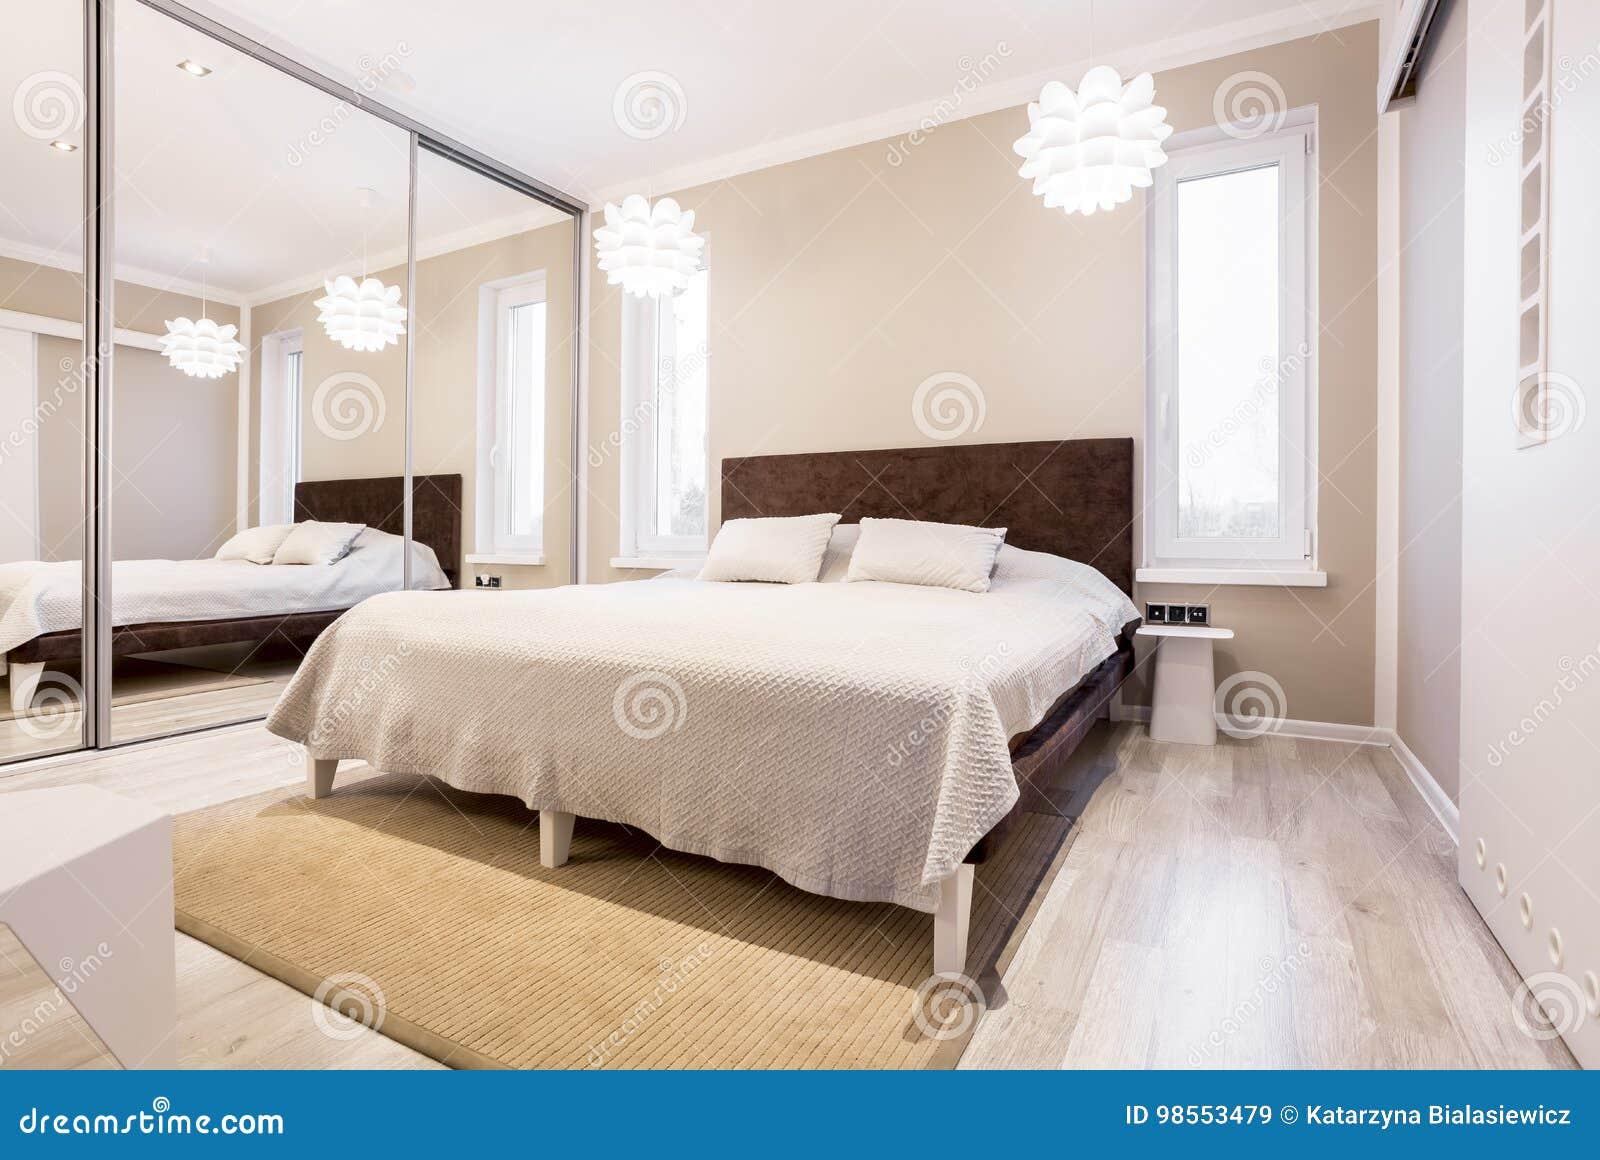 Chambre à Coucher Beige Avec La Garde-robe De Miroir Image ...